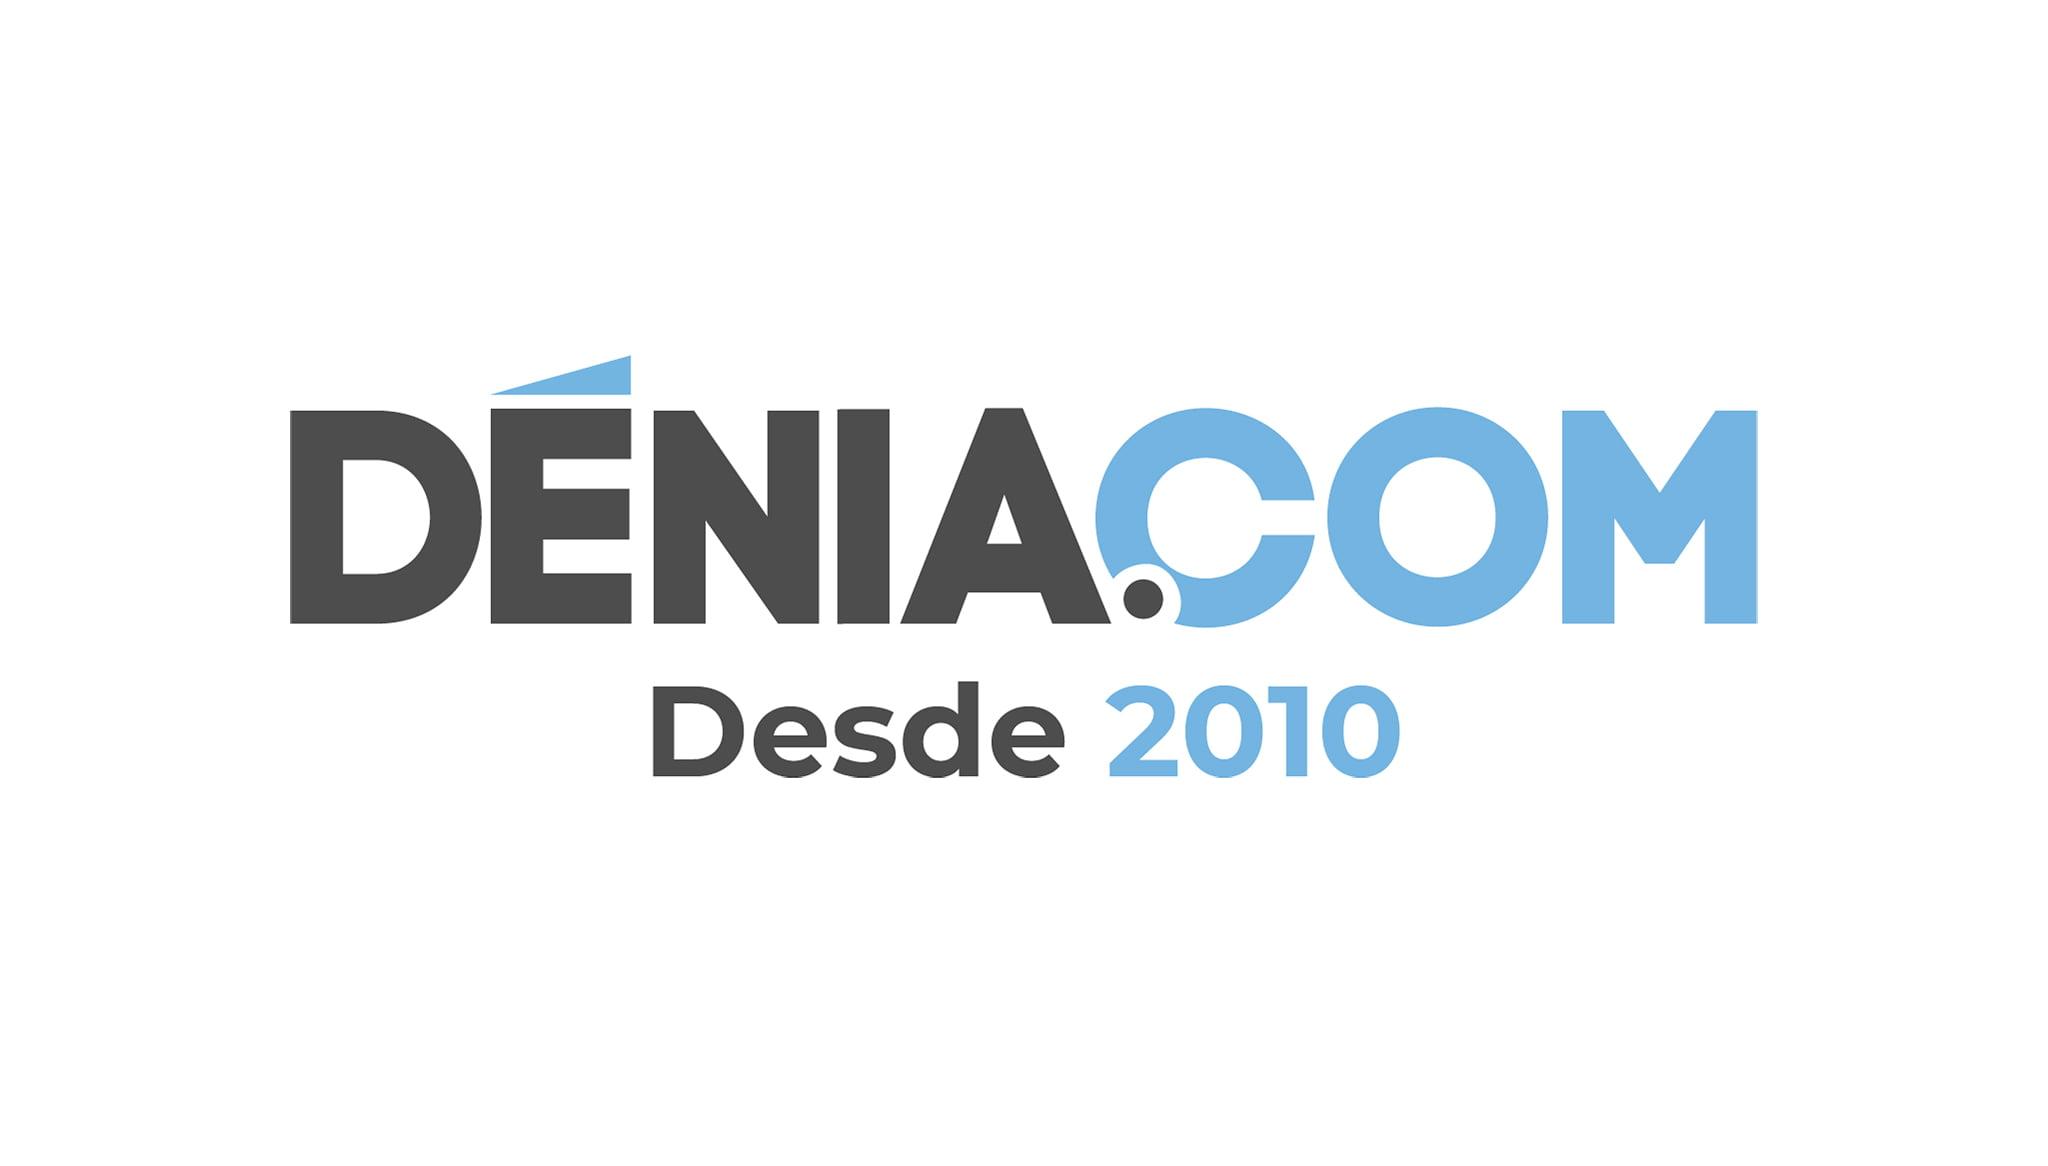 Portada aniversario Dénia.com